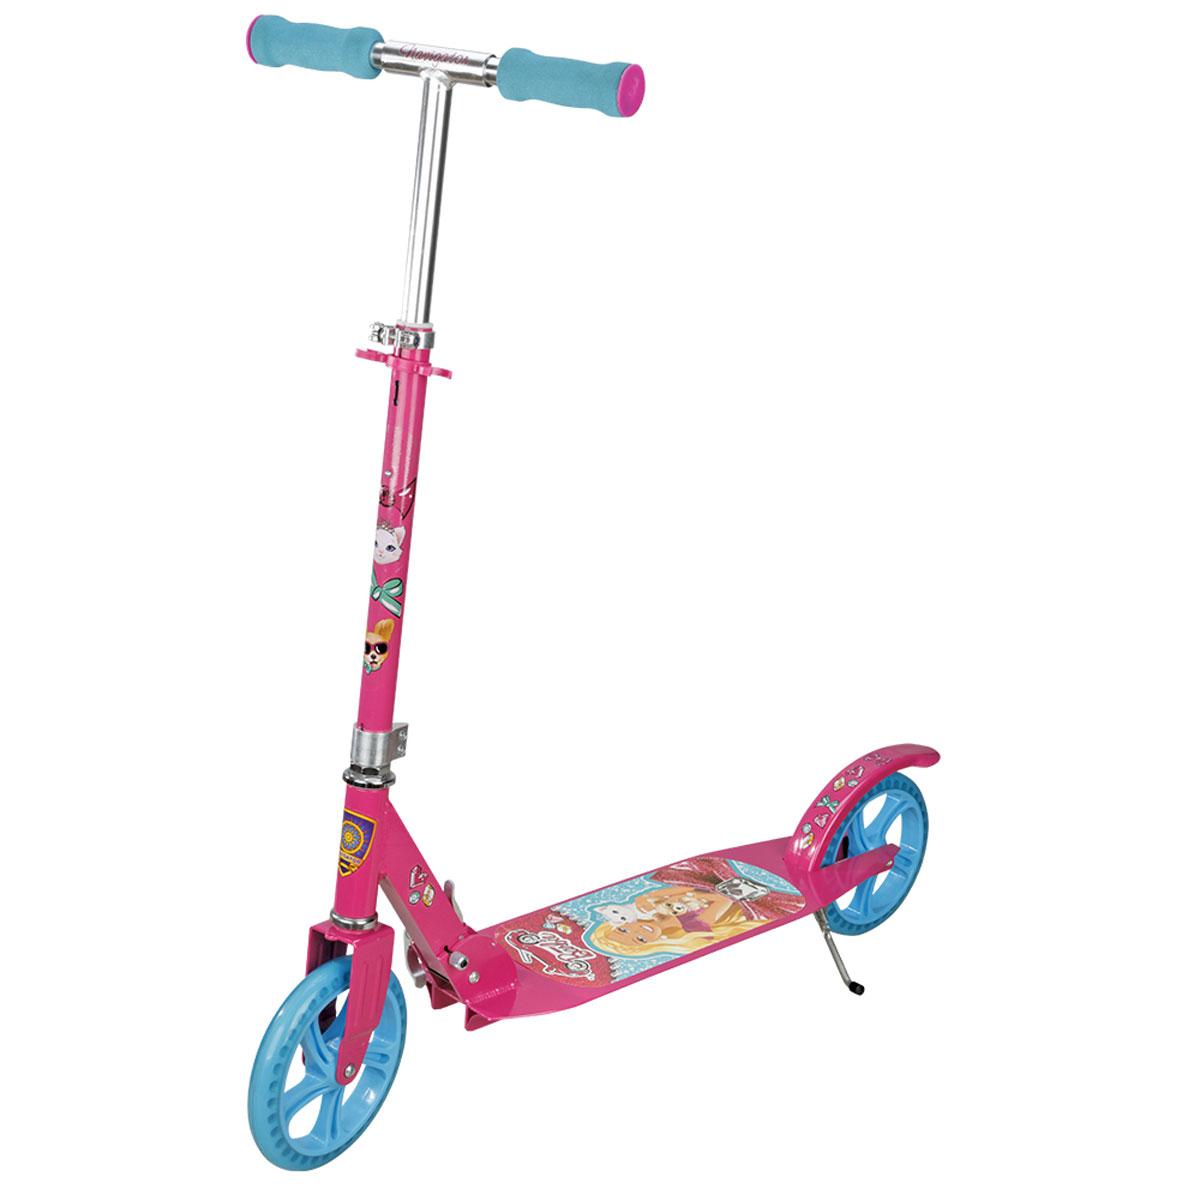 Navigator Самокат детский двухколесный Barbie цвет розовый голубойТ57602Самокат Navigator Barbie 2-х колесный. Алюминий, PU колеса 200мм, подножка, тормоз.